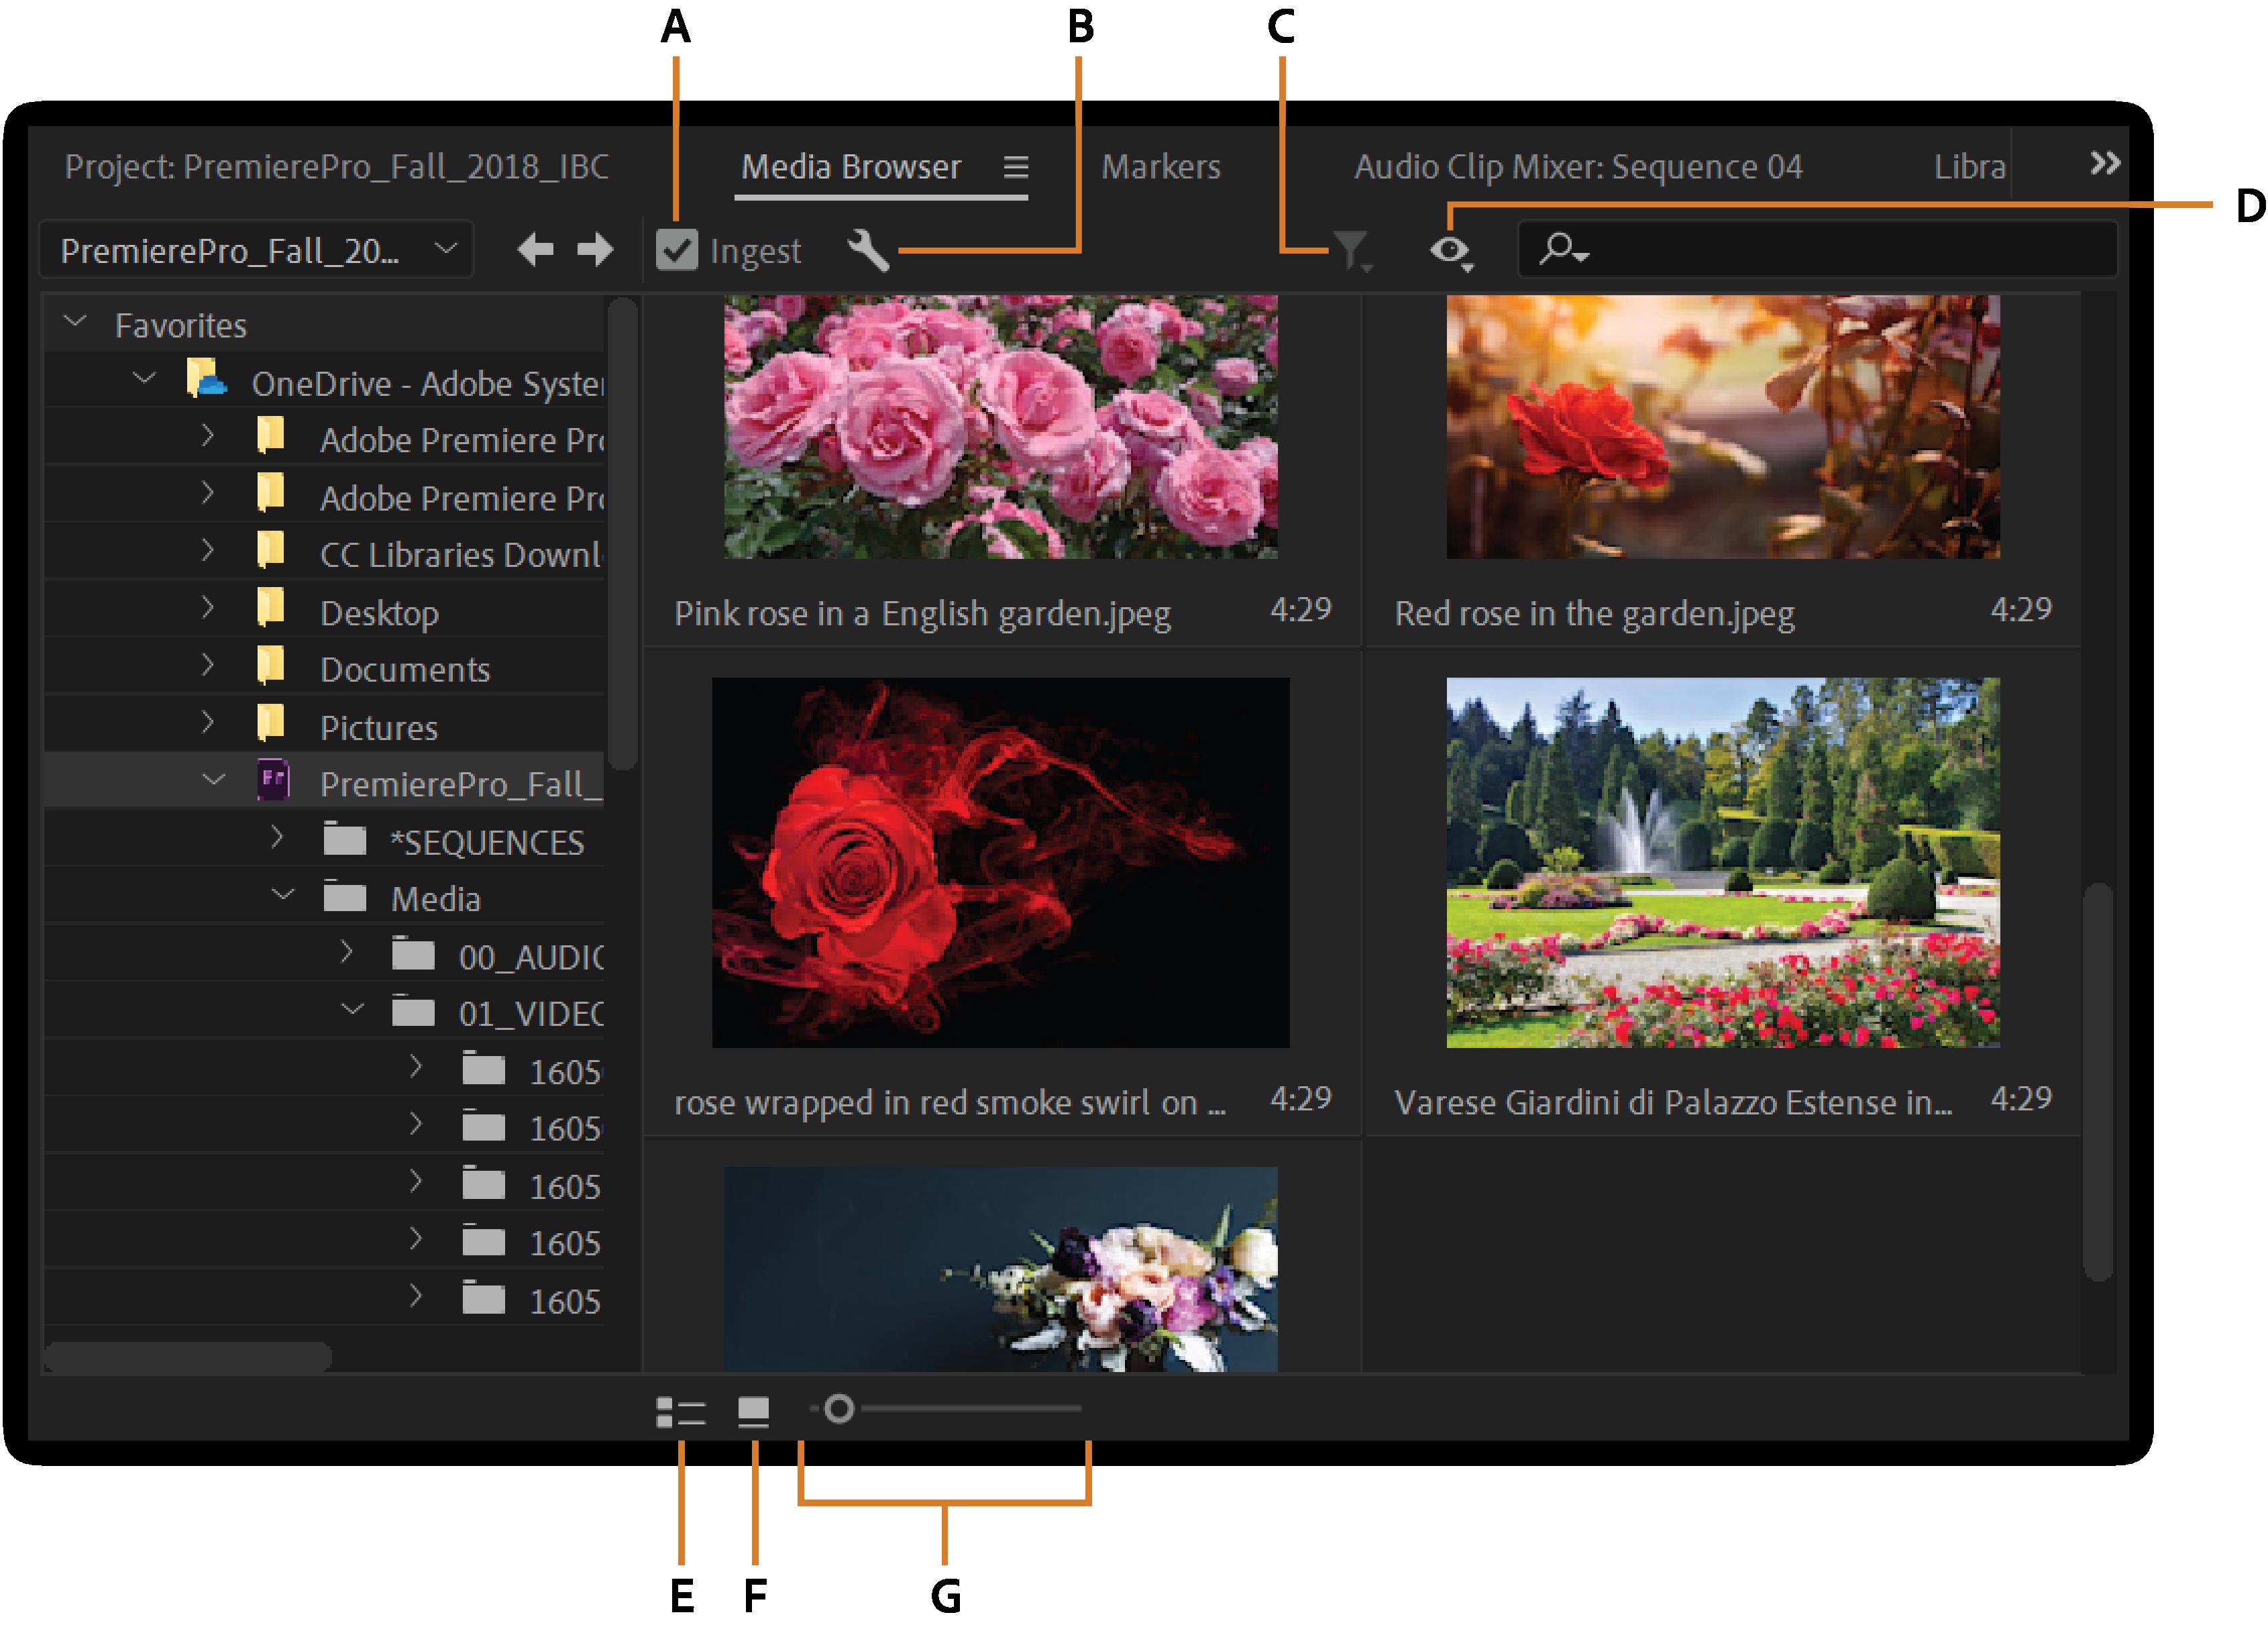 Importing media files into Premiere Pro